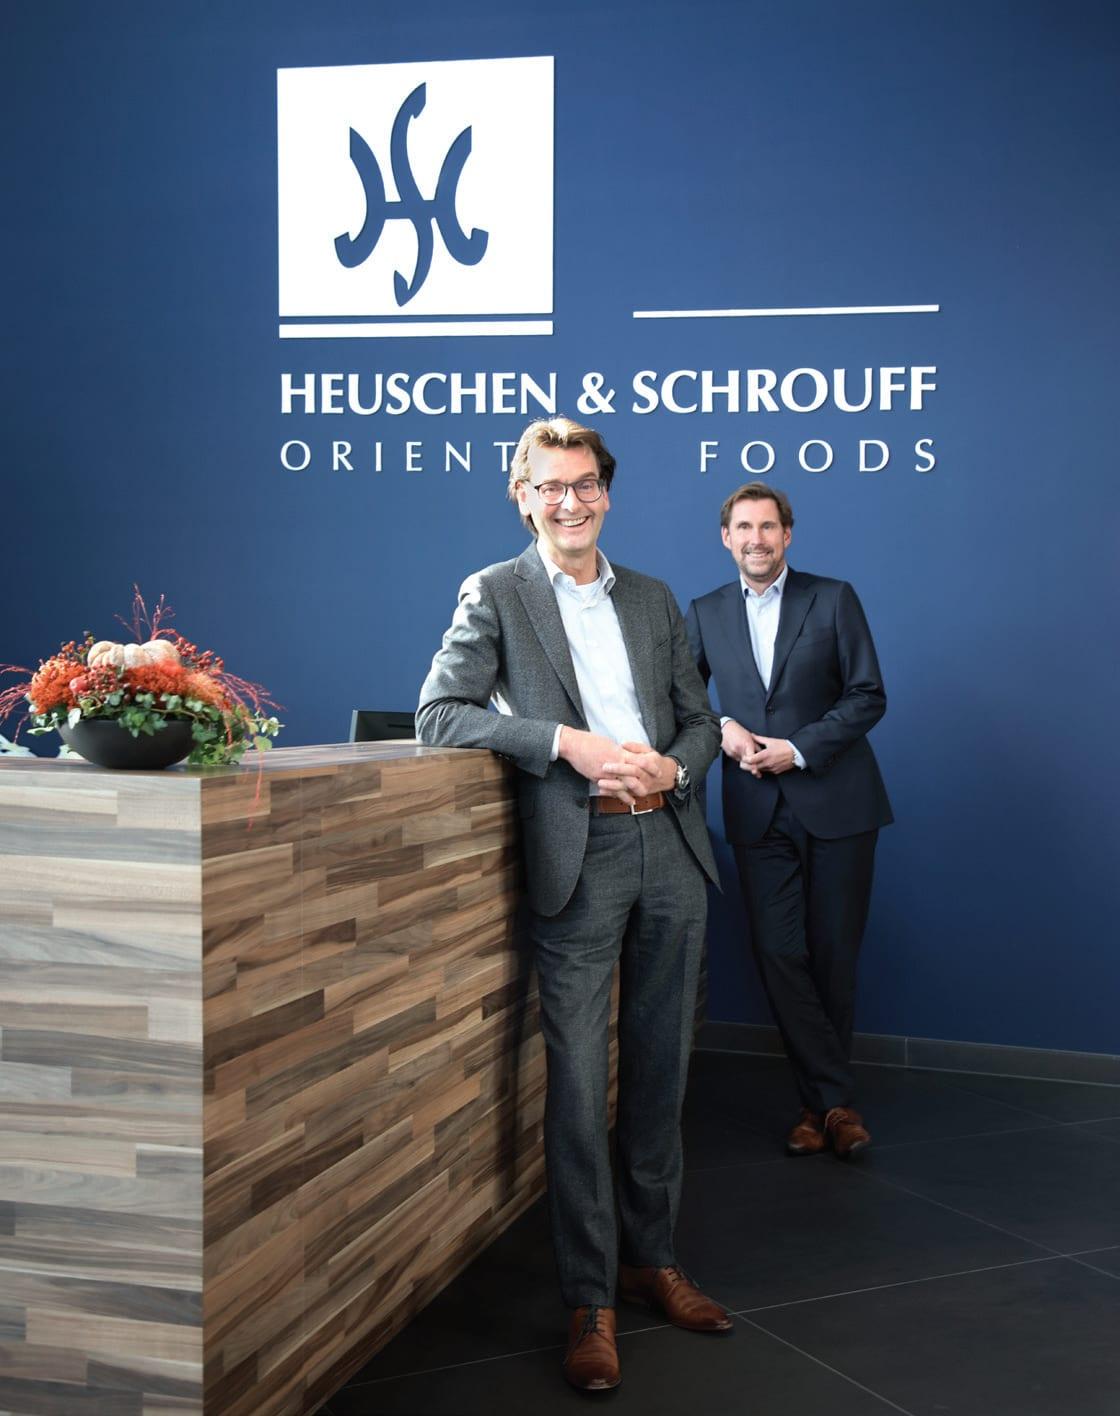 heuschen_en_schrouff_lang.png